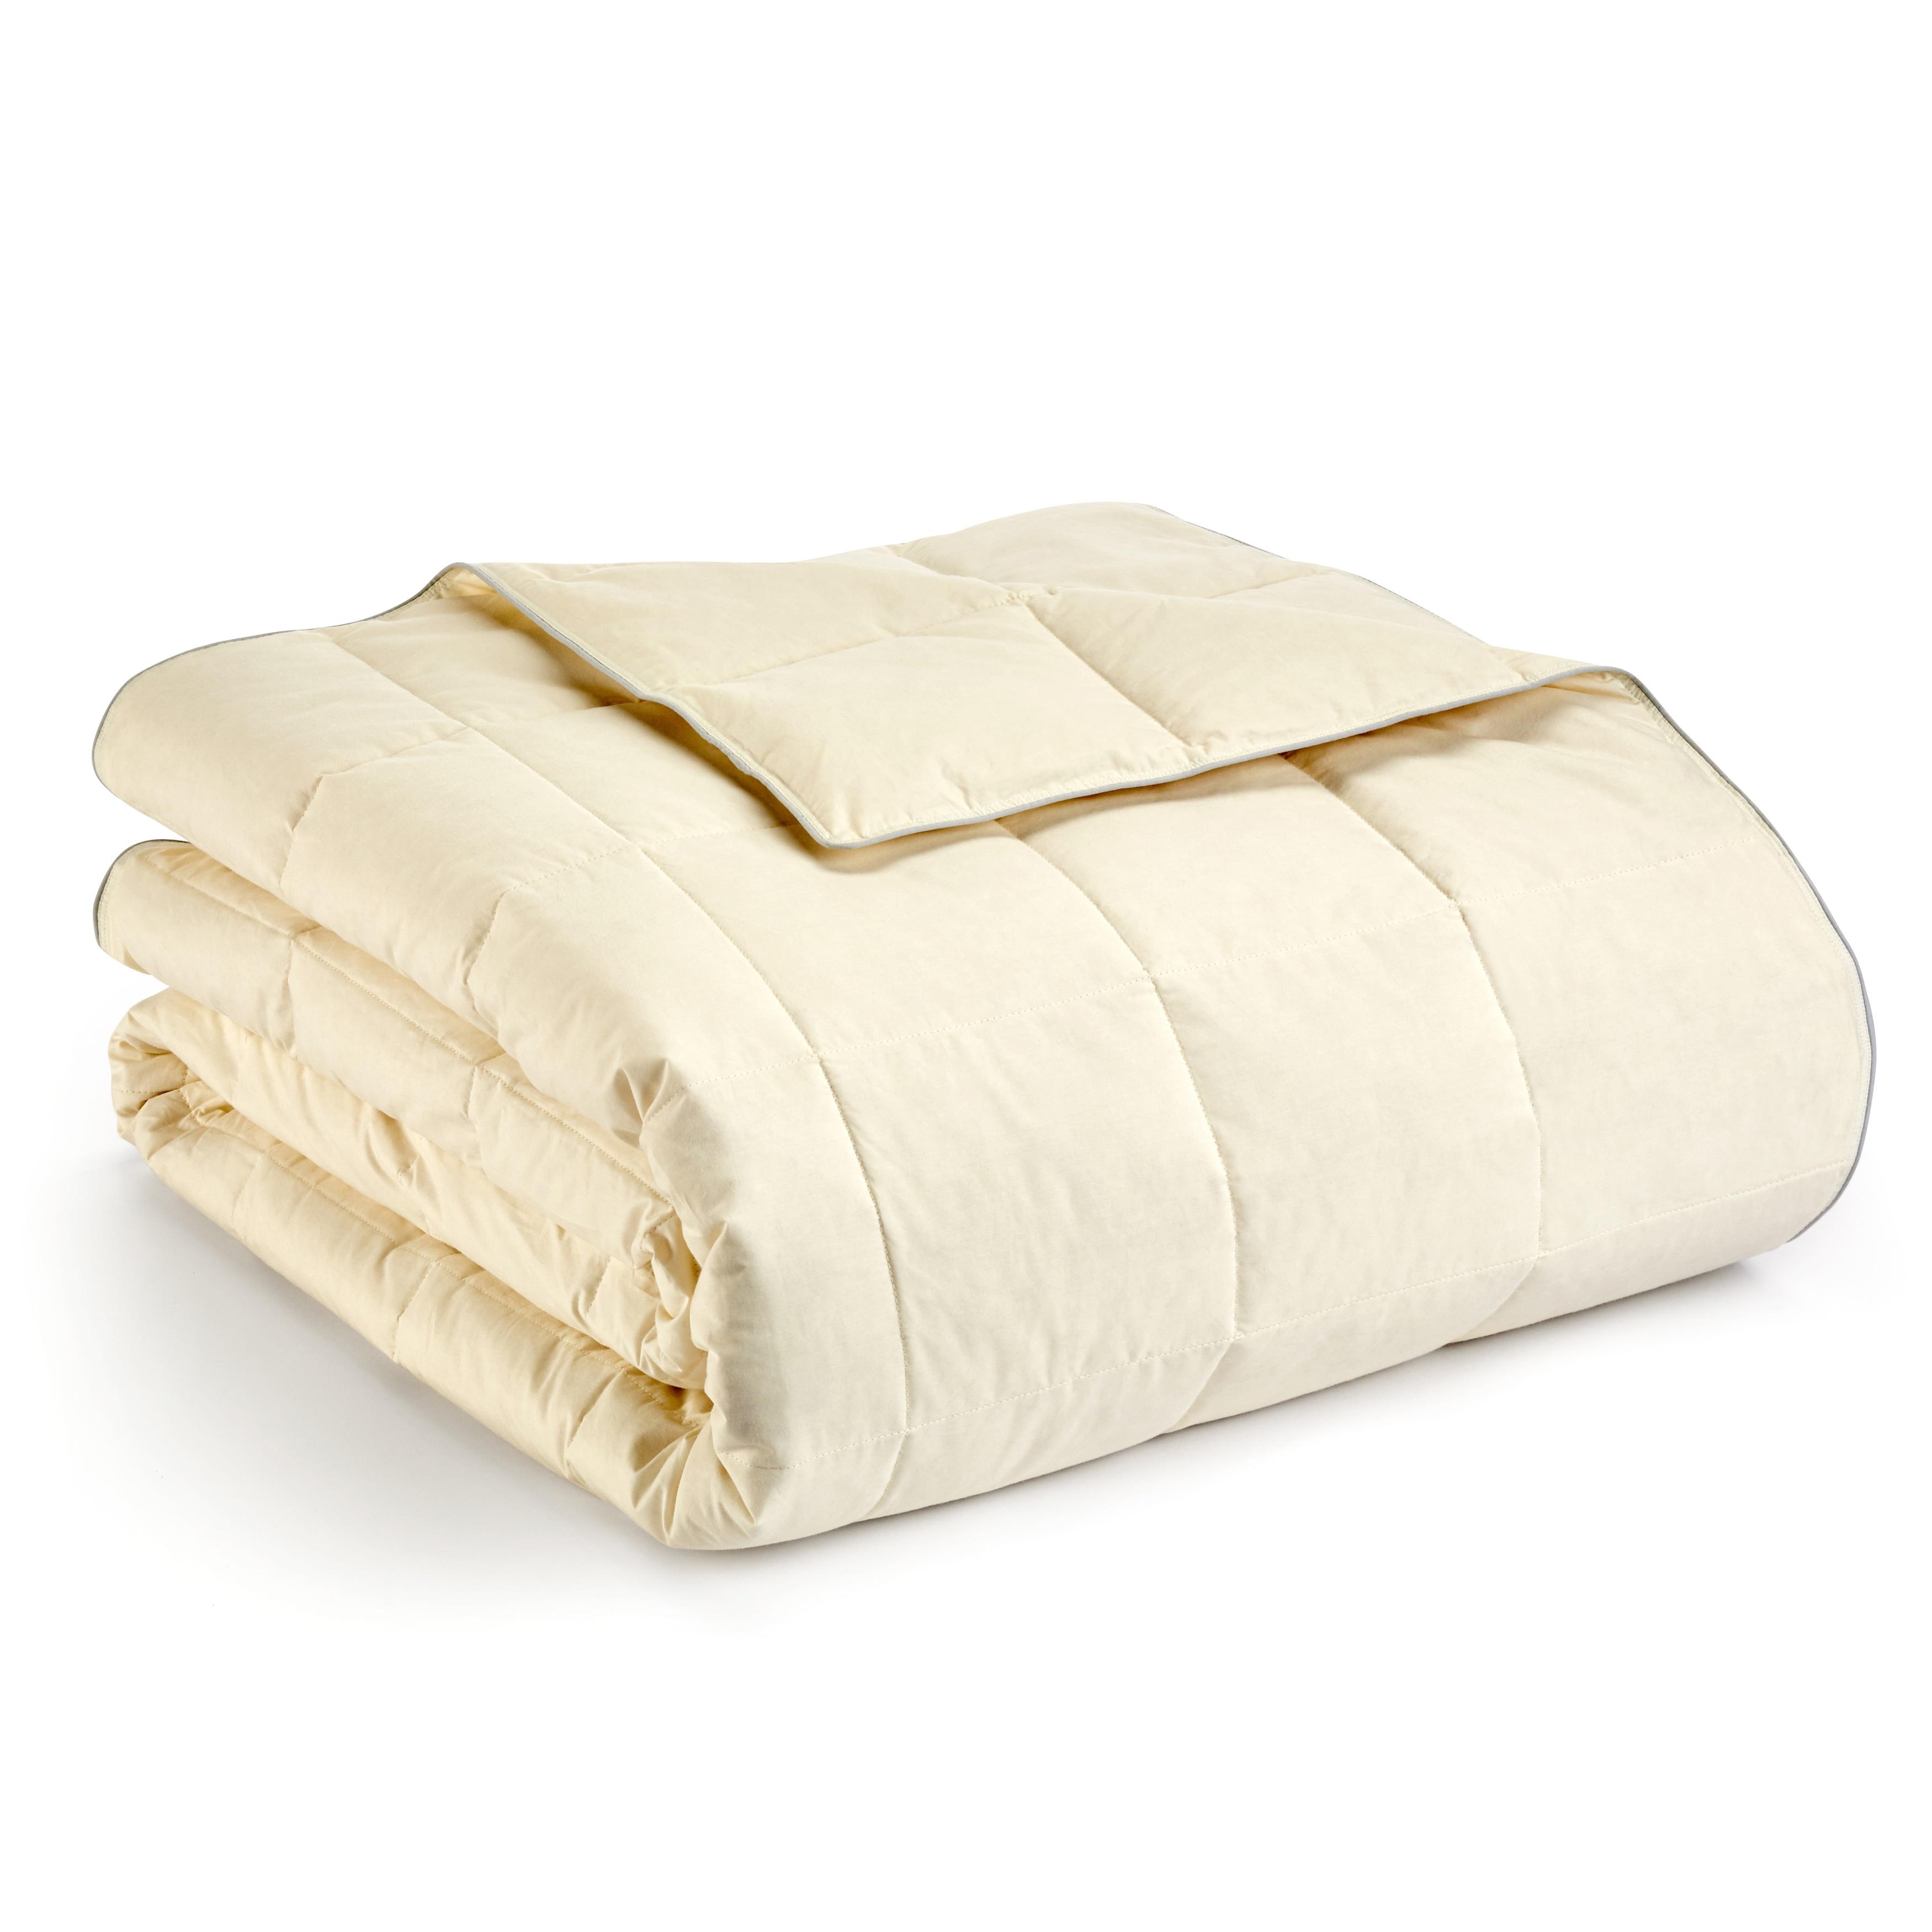 Claritin Allergen Barrier Lightweight Hypoallergenic Down Blanket